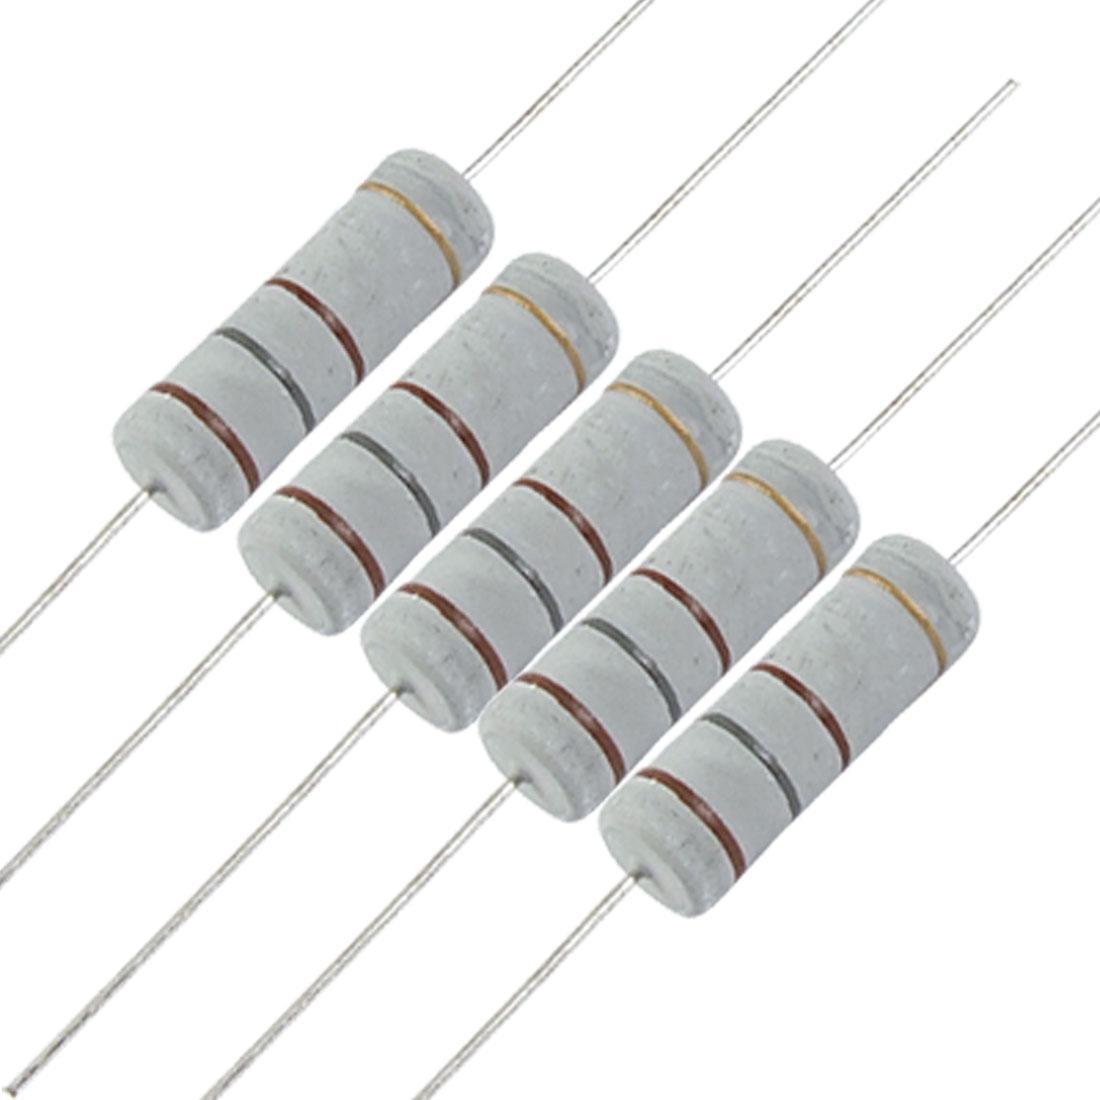 10 x 5W 700V 180 ohm 5 Watt Metal Oxide Film Resistors